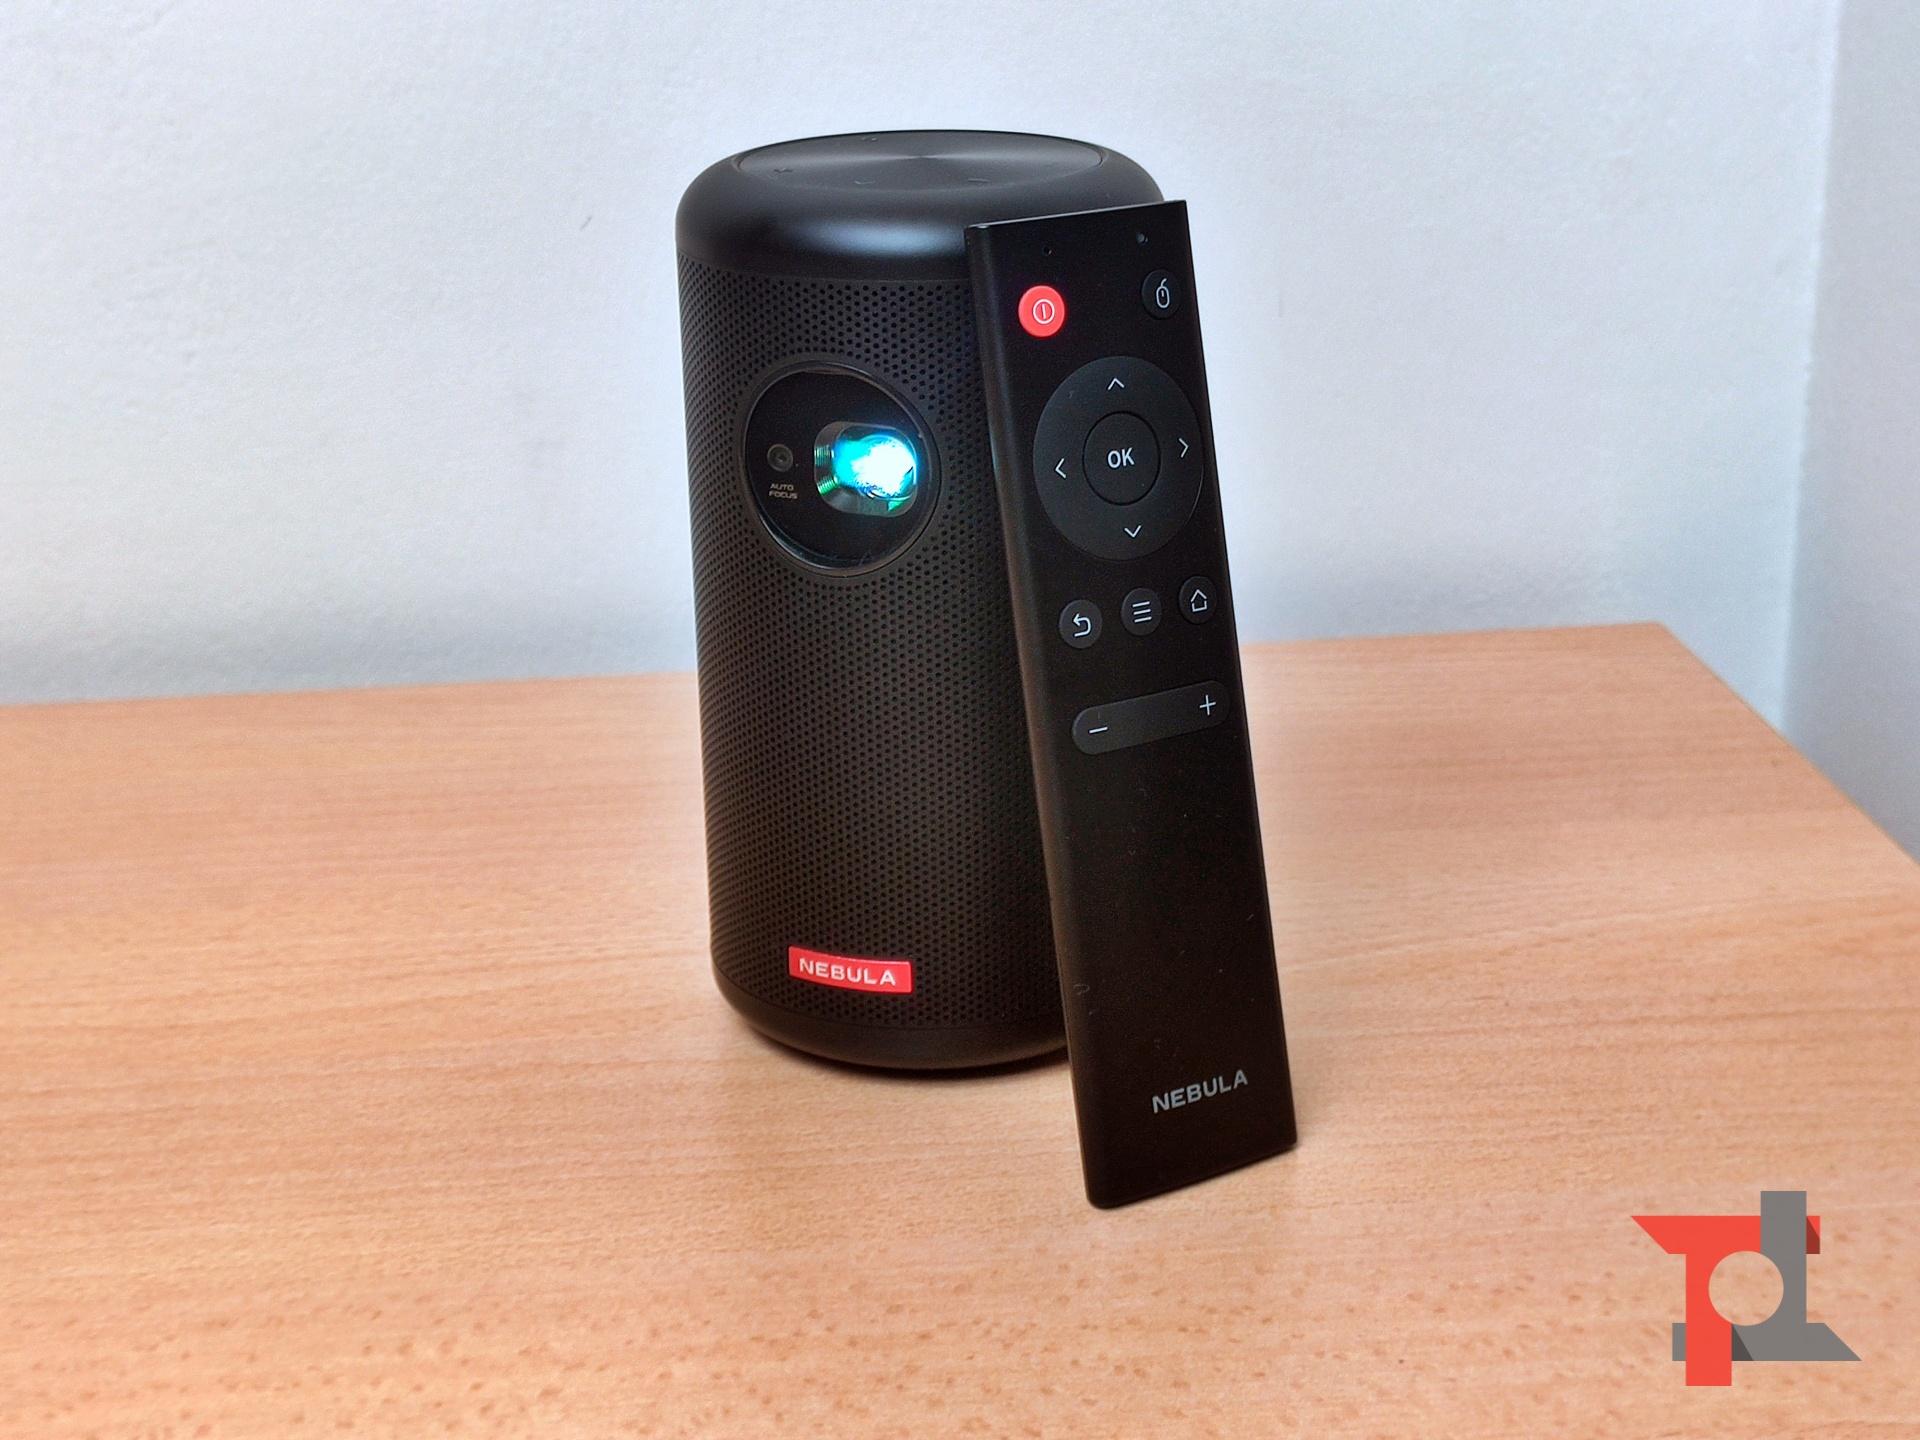 Recensione NEBULA Capsule Max, un videoproiettore portatile davvero eclettico 5